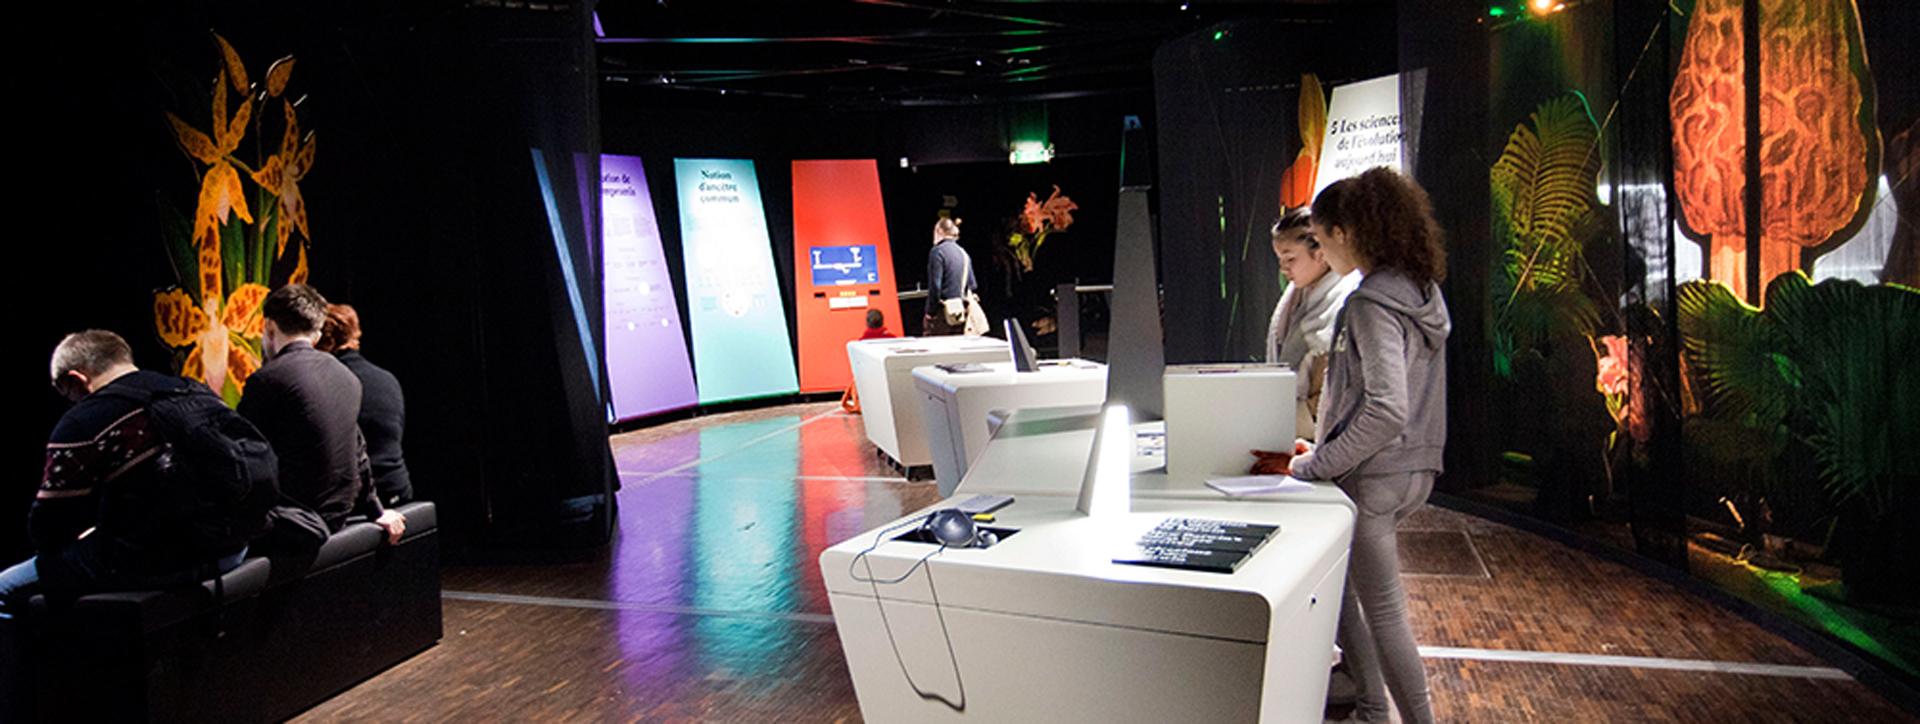 En el programa interactivo se podrá disfrutar de películas, dispositivos multimedia interactivos y juegos